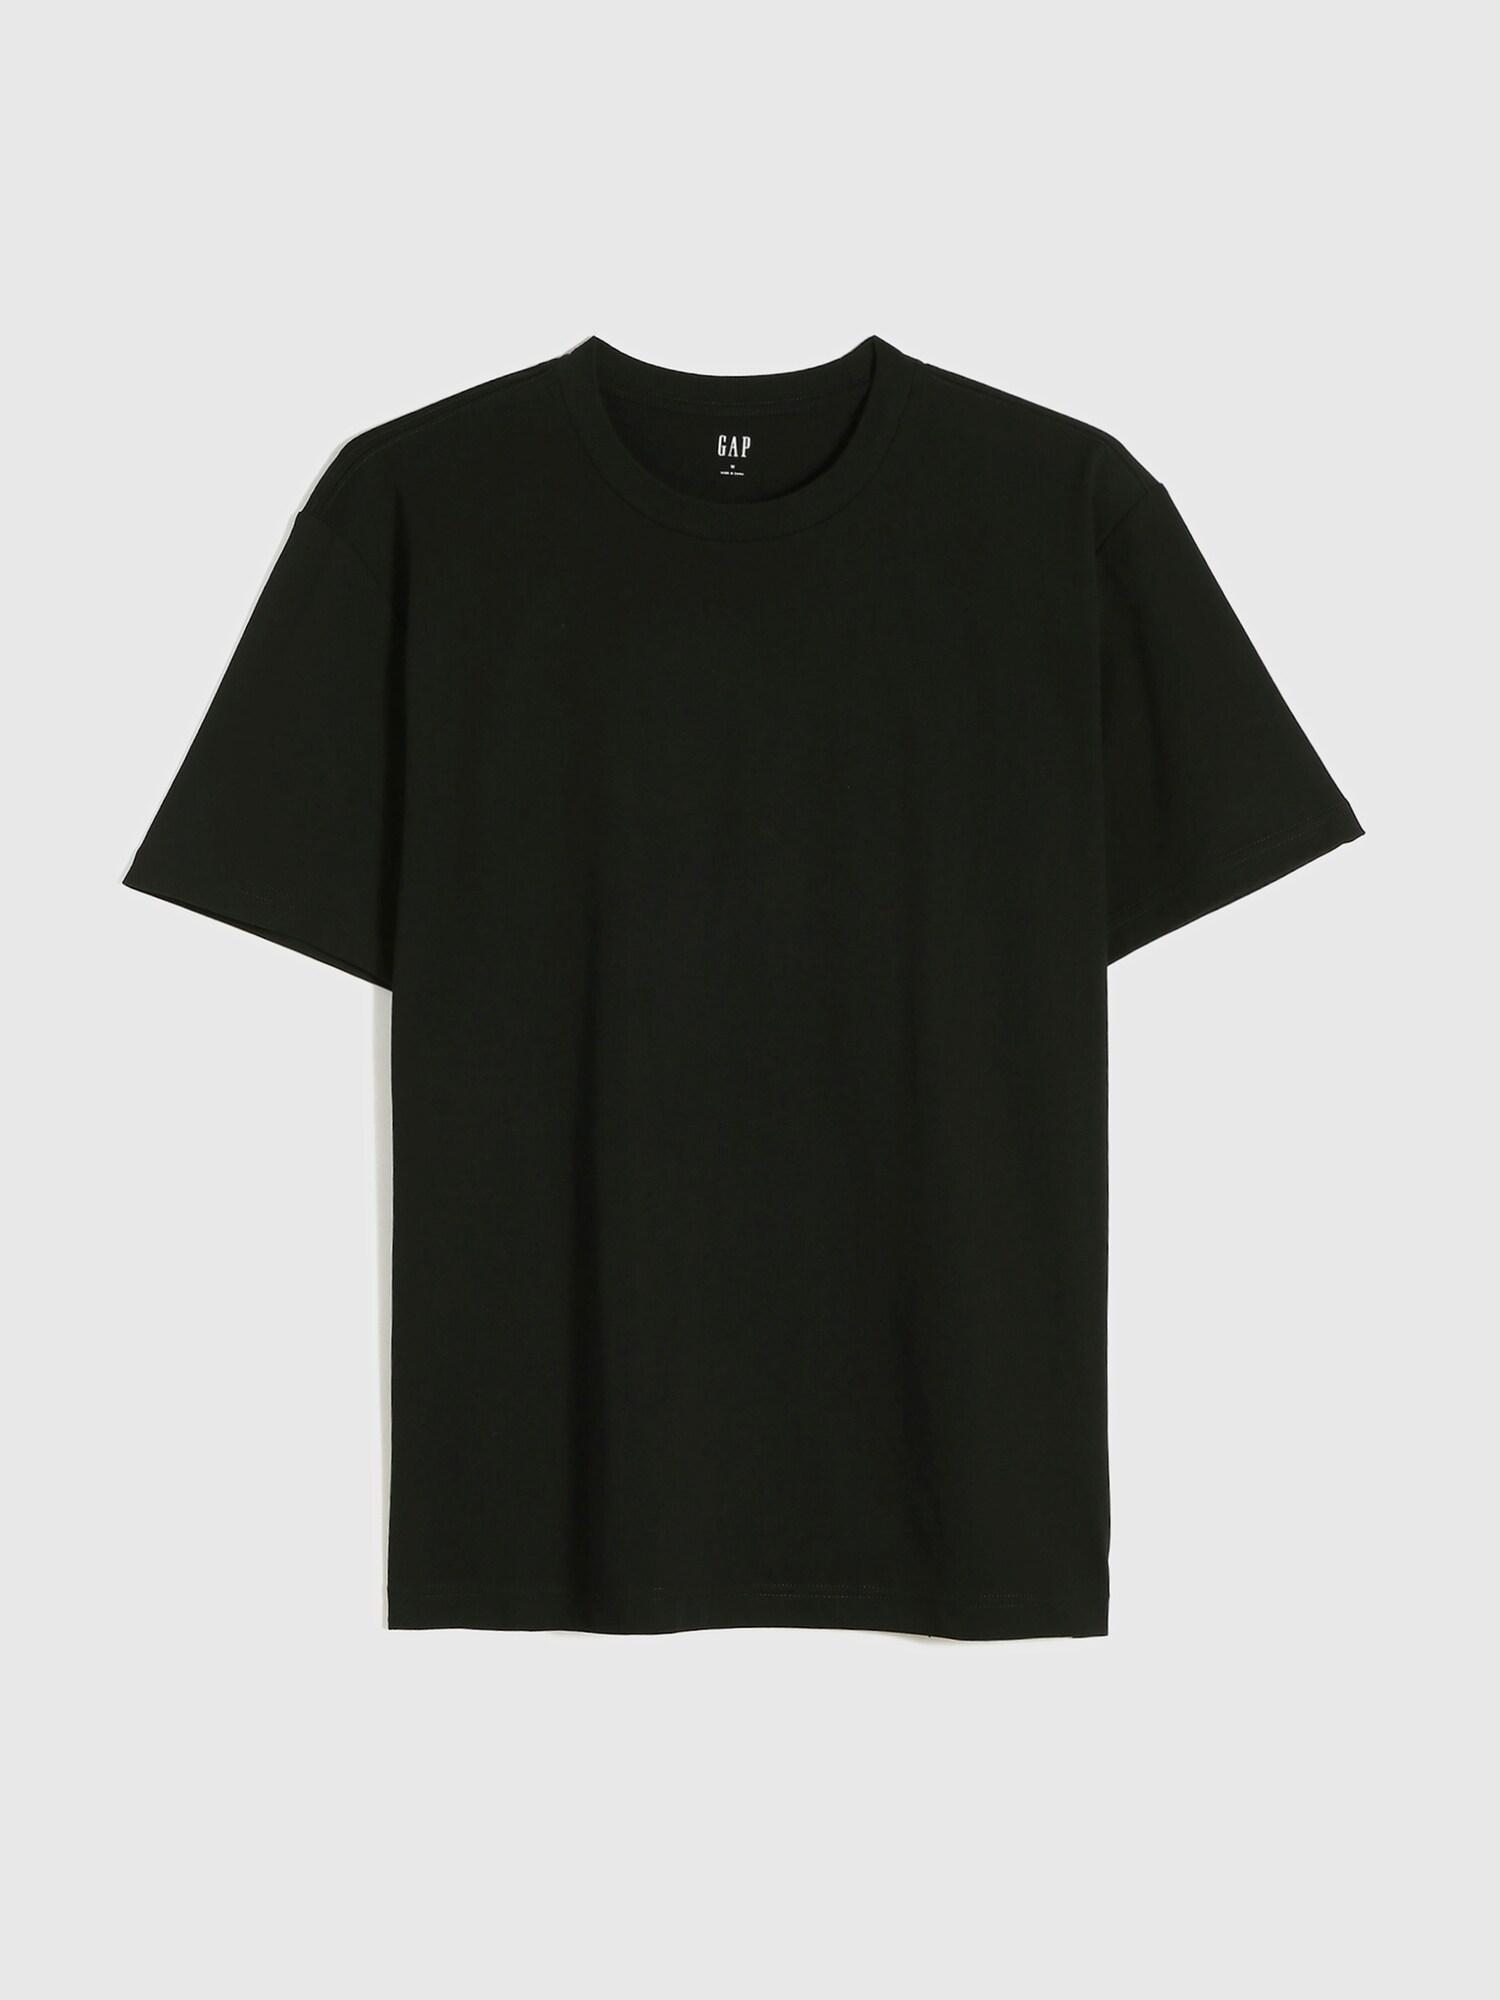 モダン クルーネックtシャツ